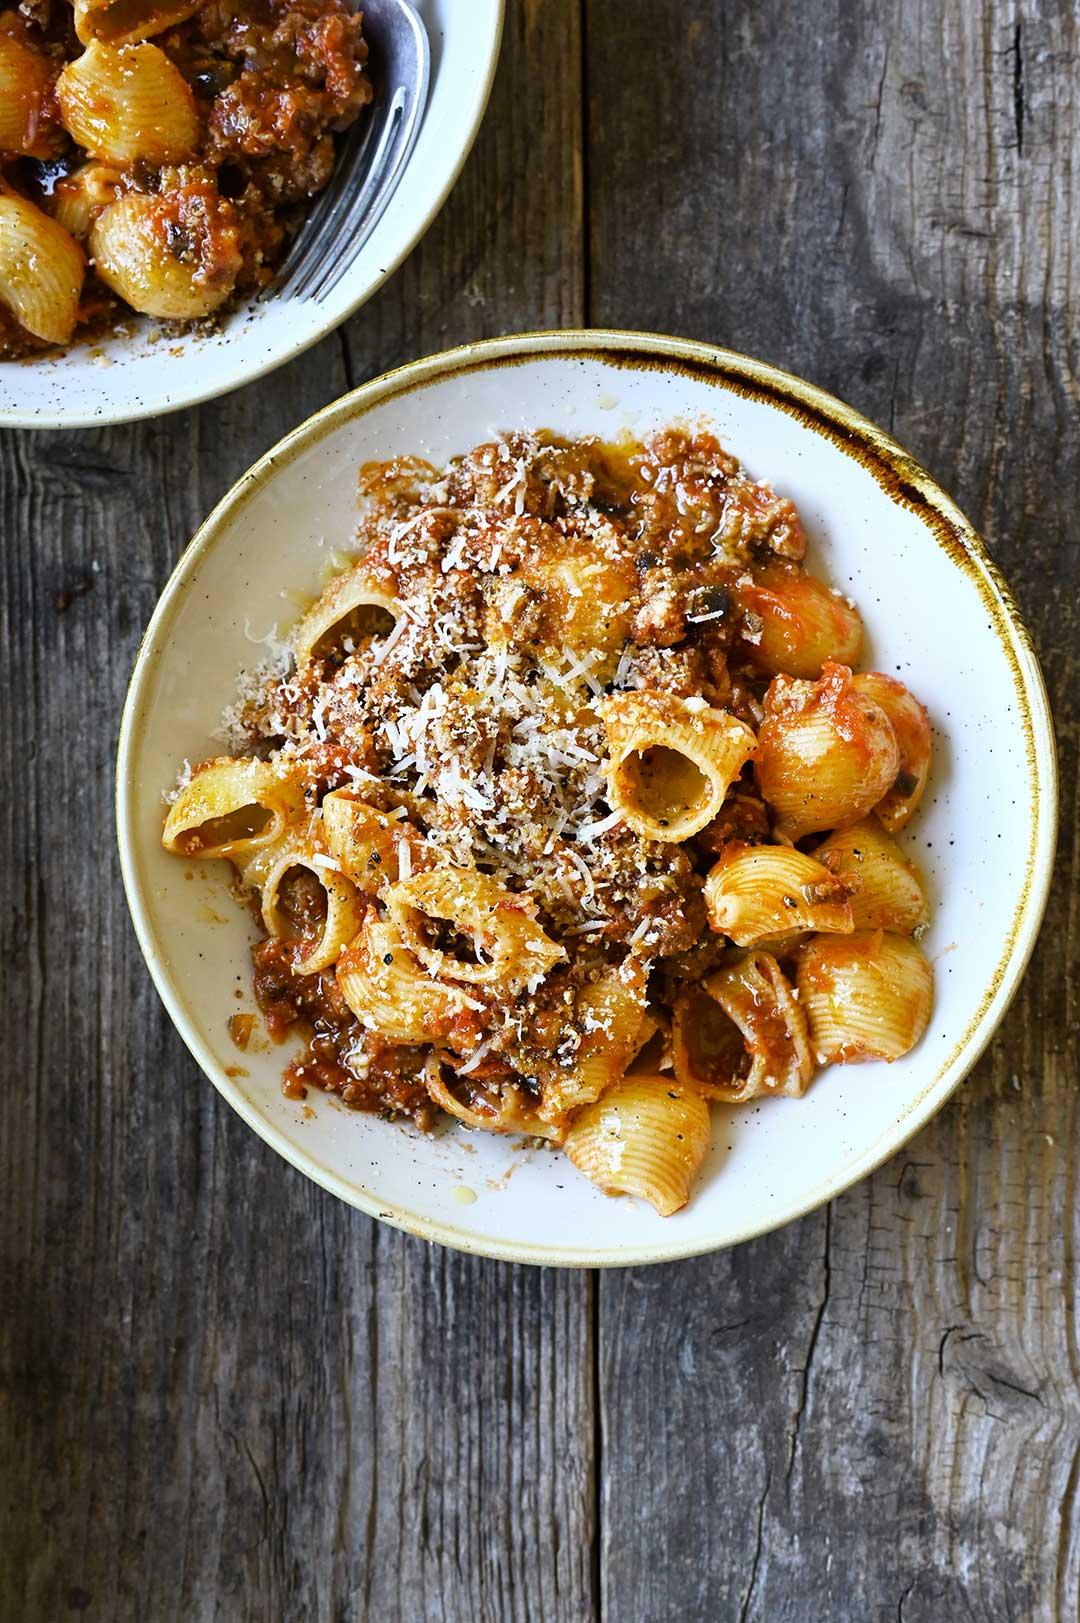 serving dumplings | Cheesy eggplant-beef bolognese pasta bake